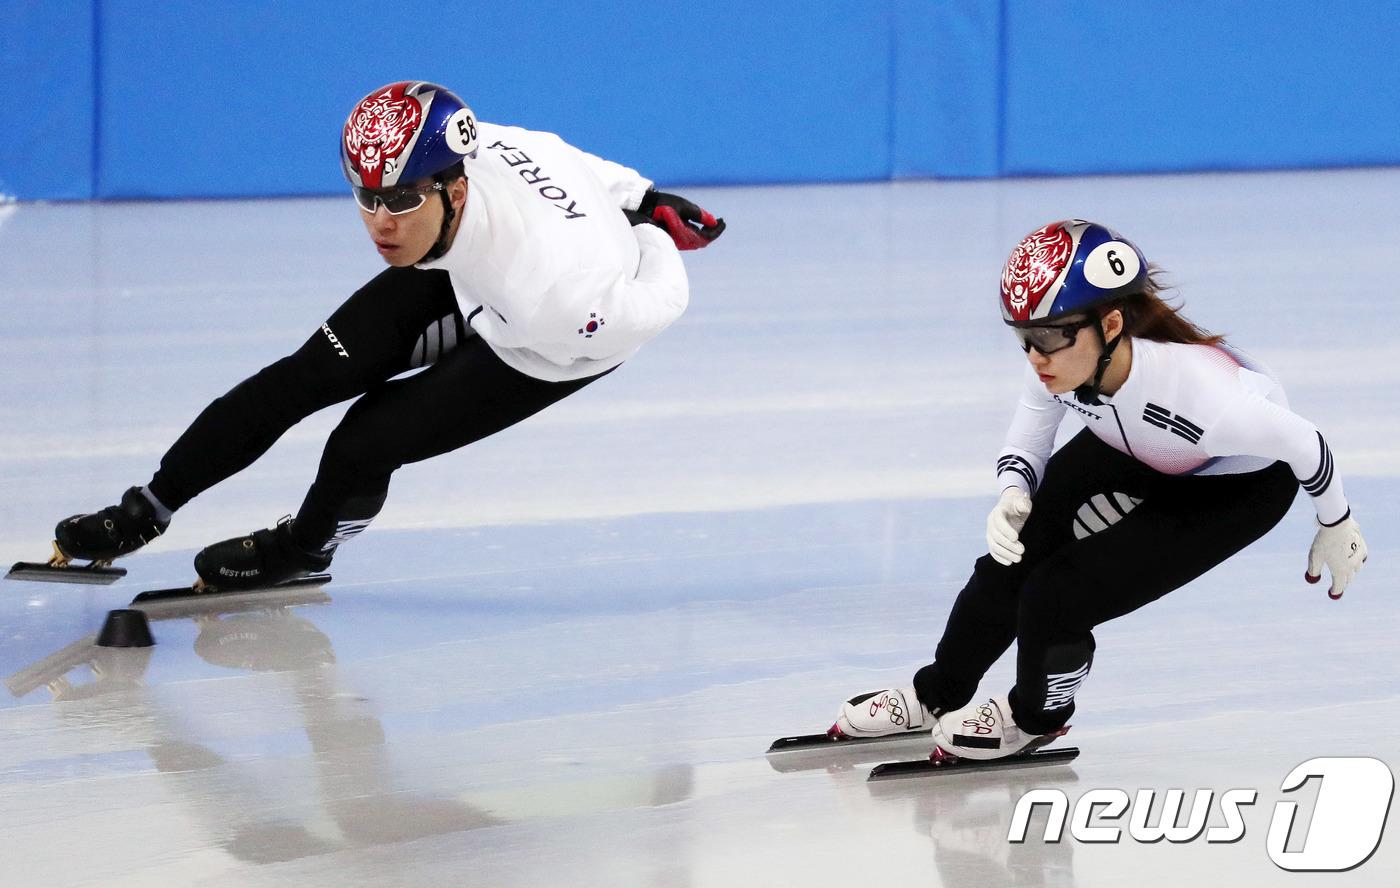 올림픽 박세우 코치 ¨최민정 스피드 남자선수 못지 않을 정도¨